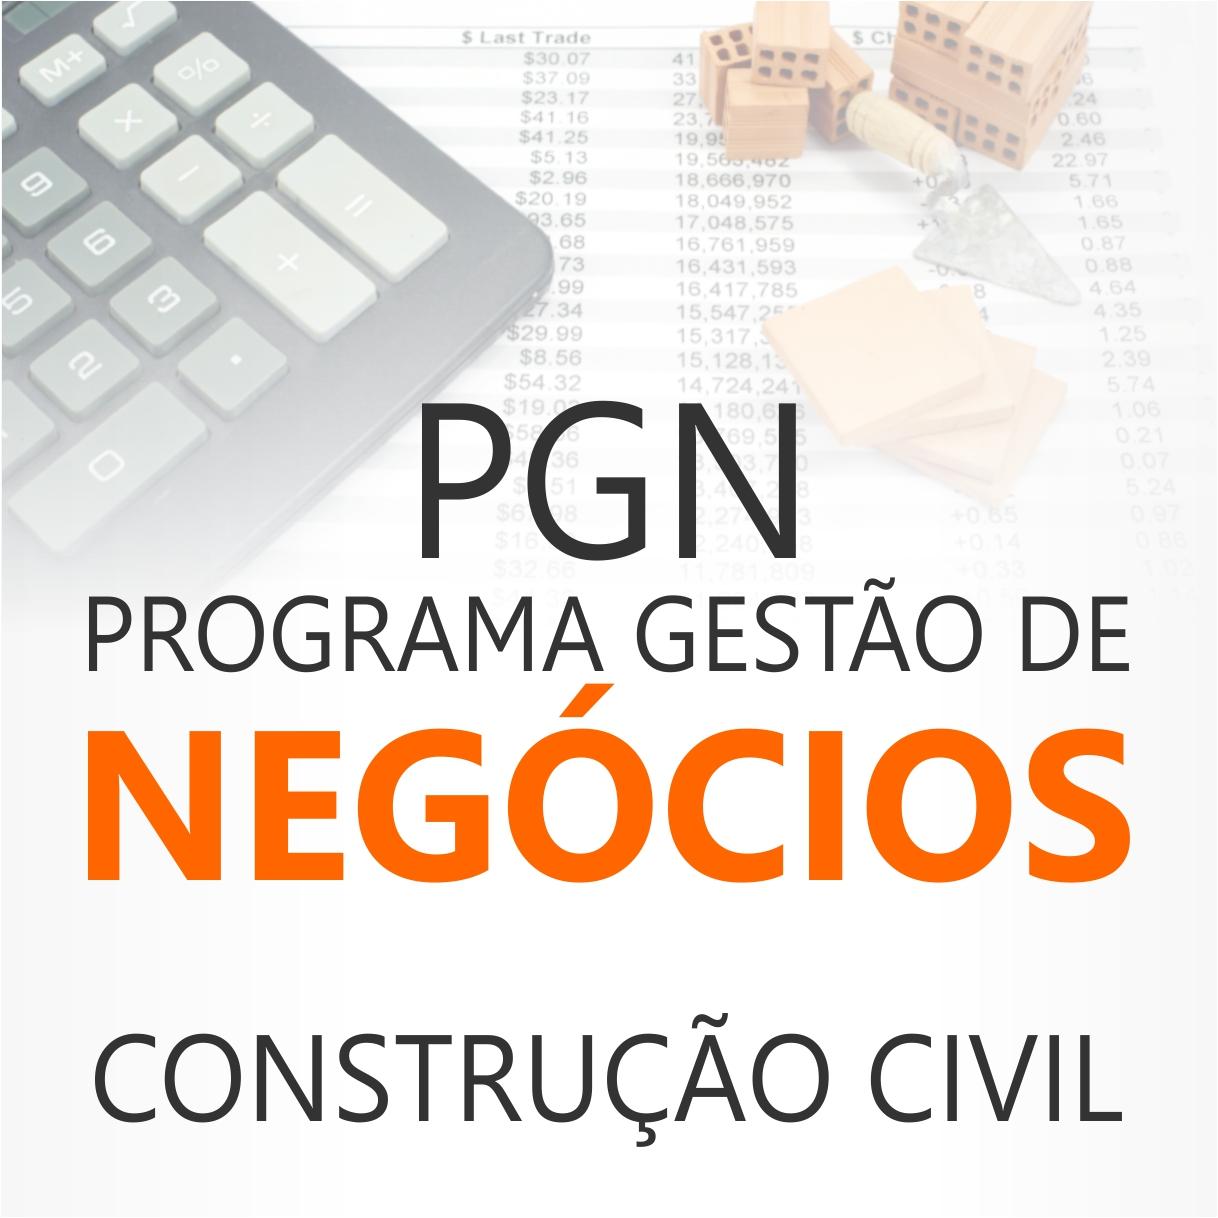 CURSOS DE EXTENSÃO - PGN CONSTRUÇÃO CIVIL